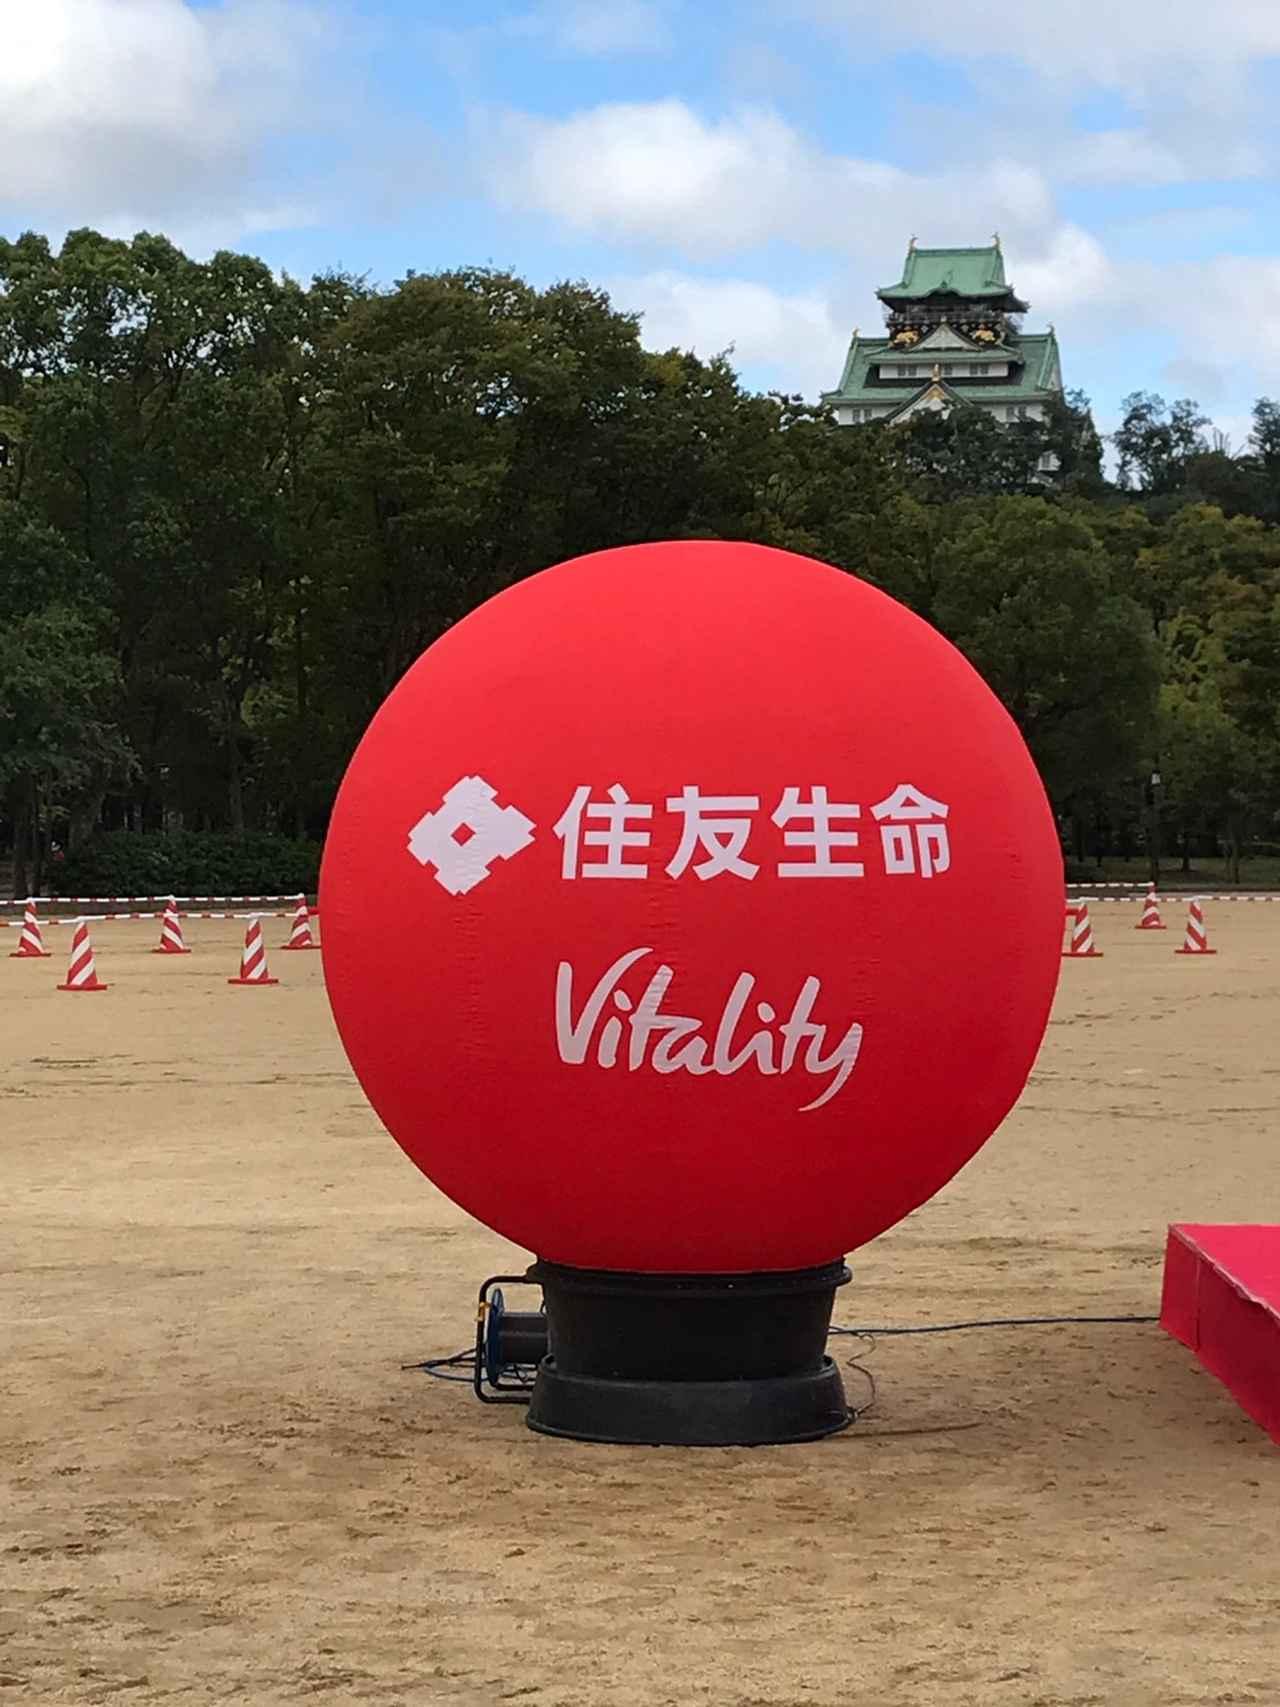 画像: マラソン日和になりました!大阪城と住友生命「Vitality」のバルーンが映えます!